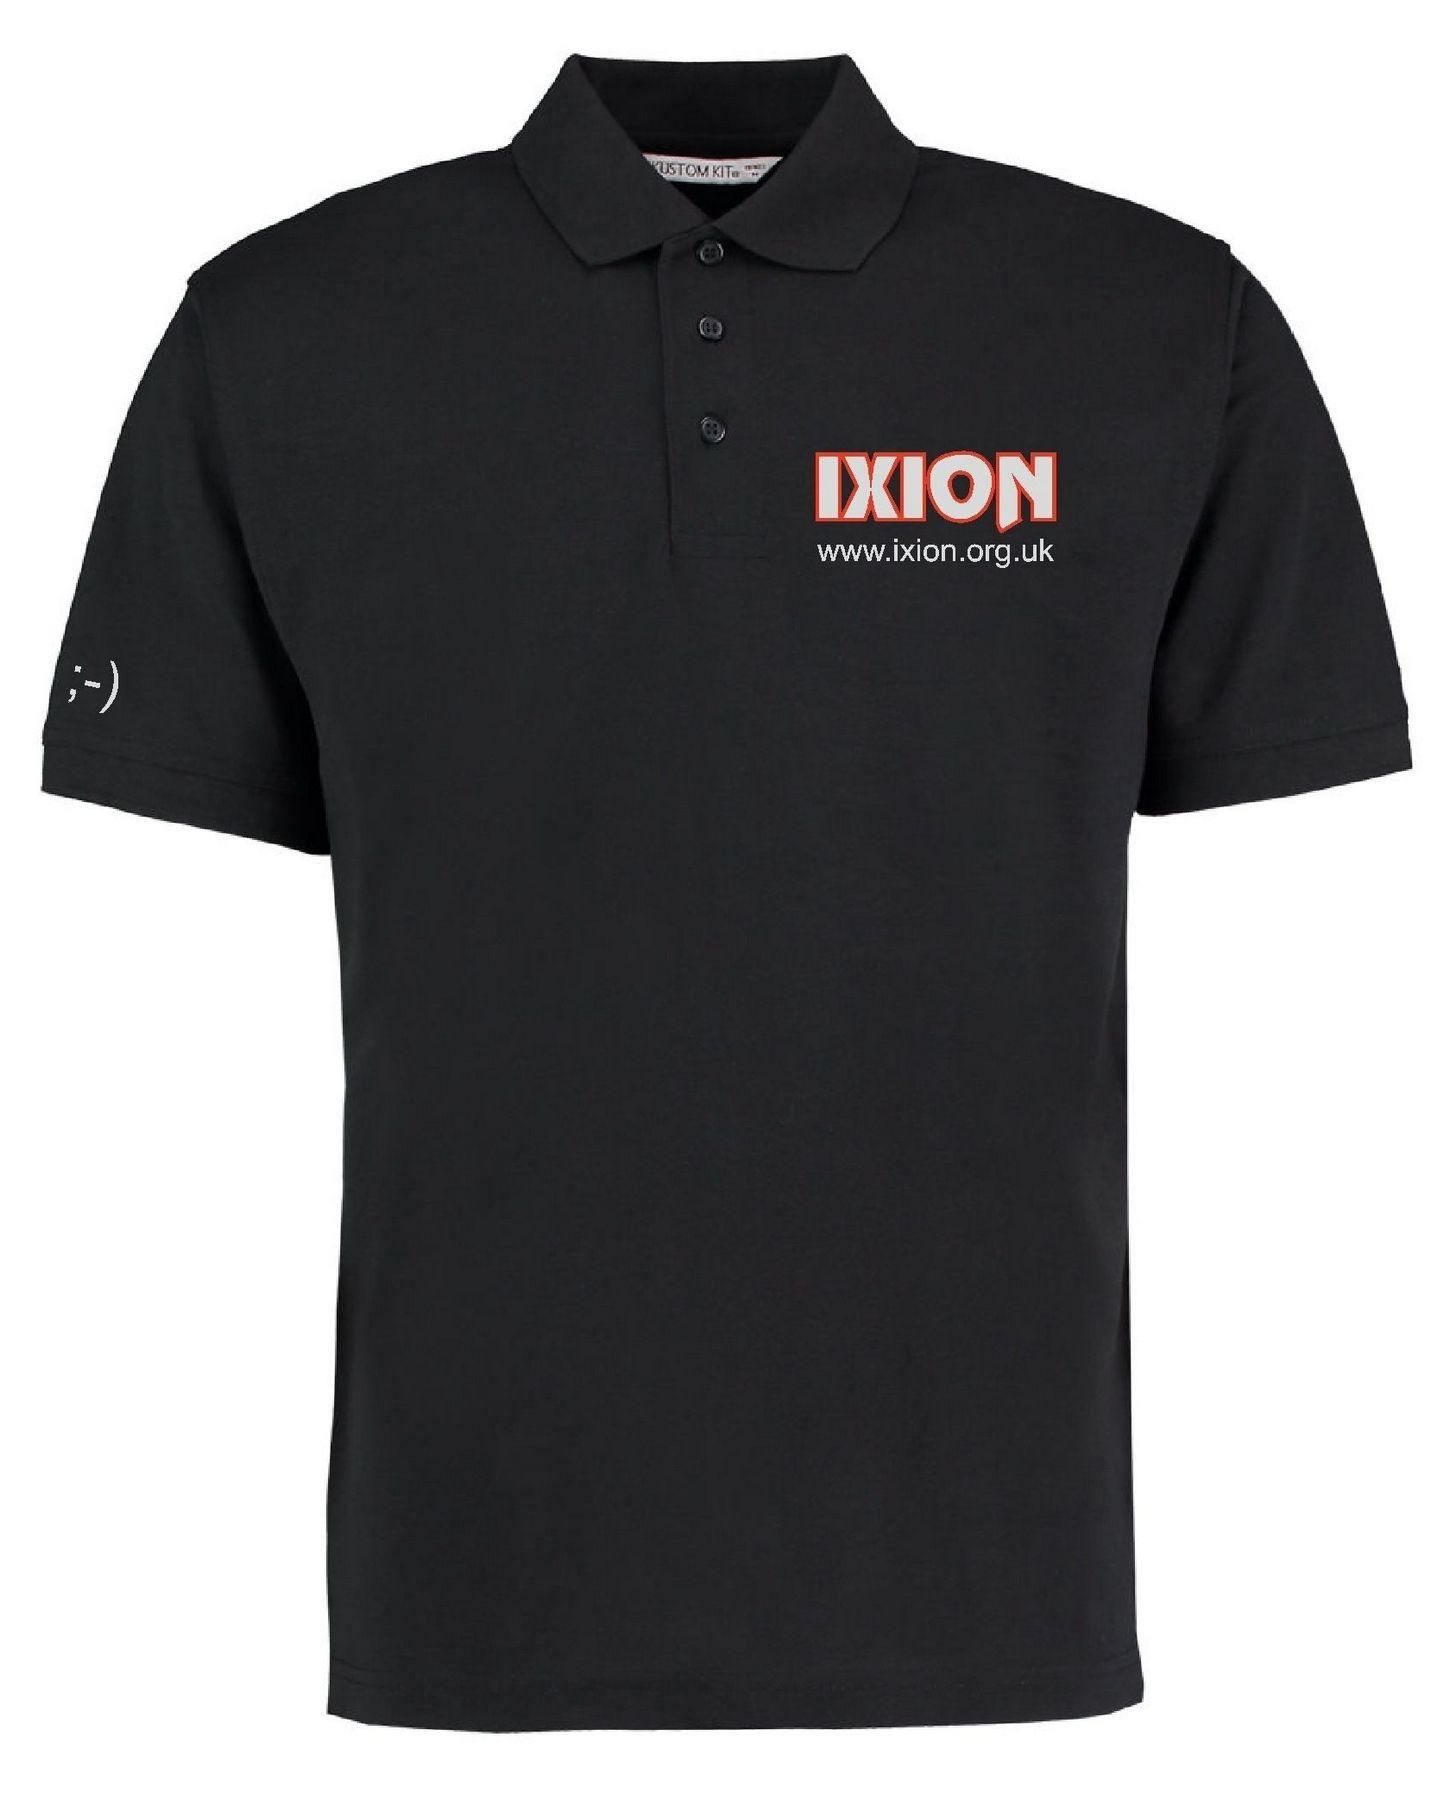 IXION – Polo Shirt